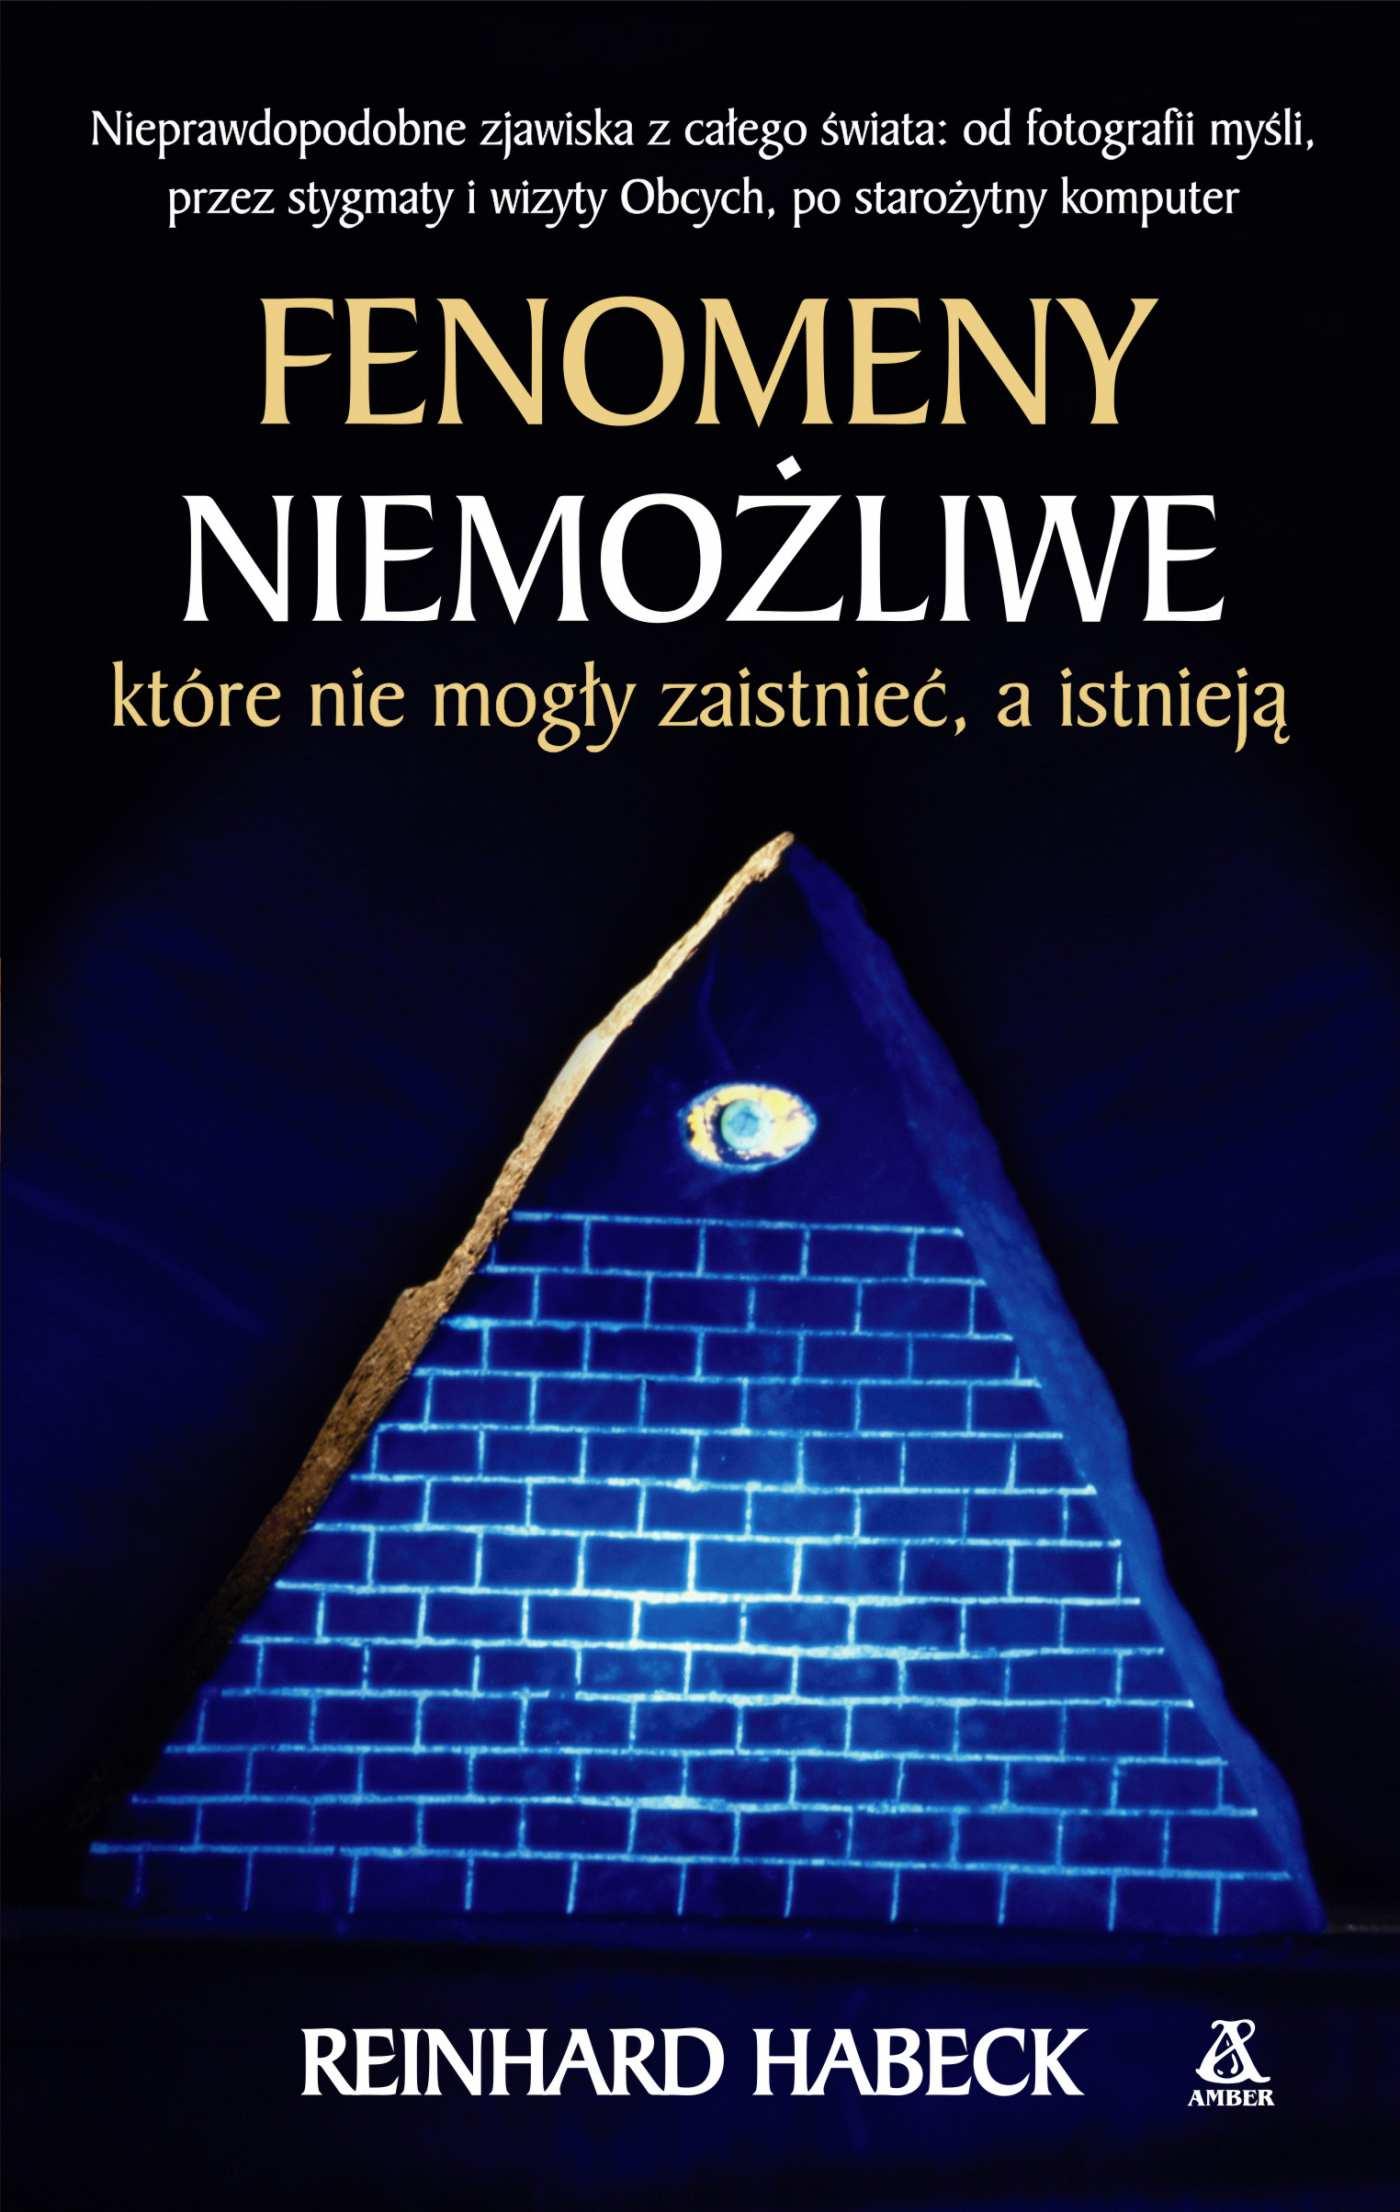 Fenomeny niemożliwe, które nie mogły zaistnieć, a istnieją - Ebook (Książka na Kindle) do pobrania w formacie MOBI